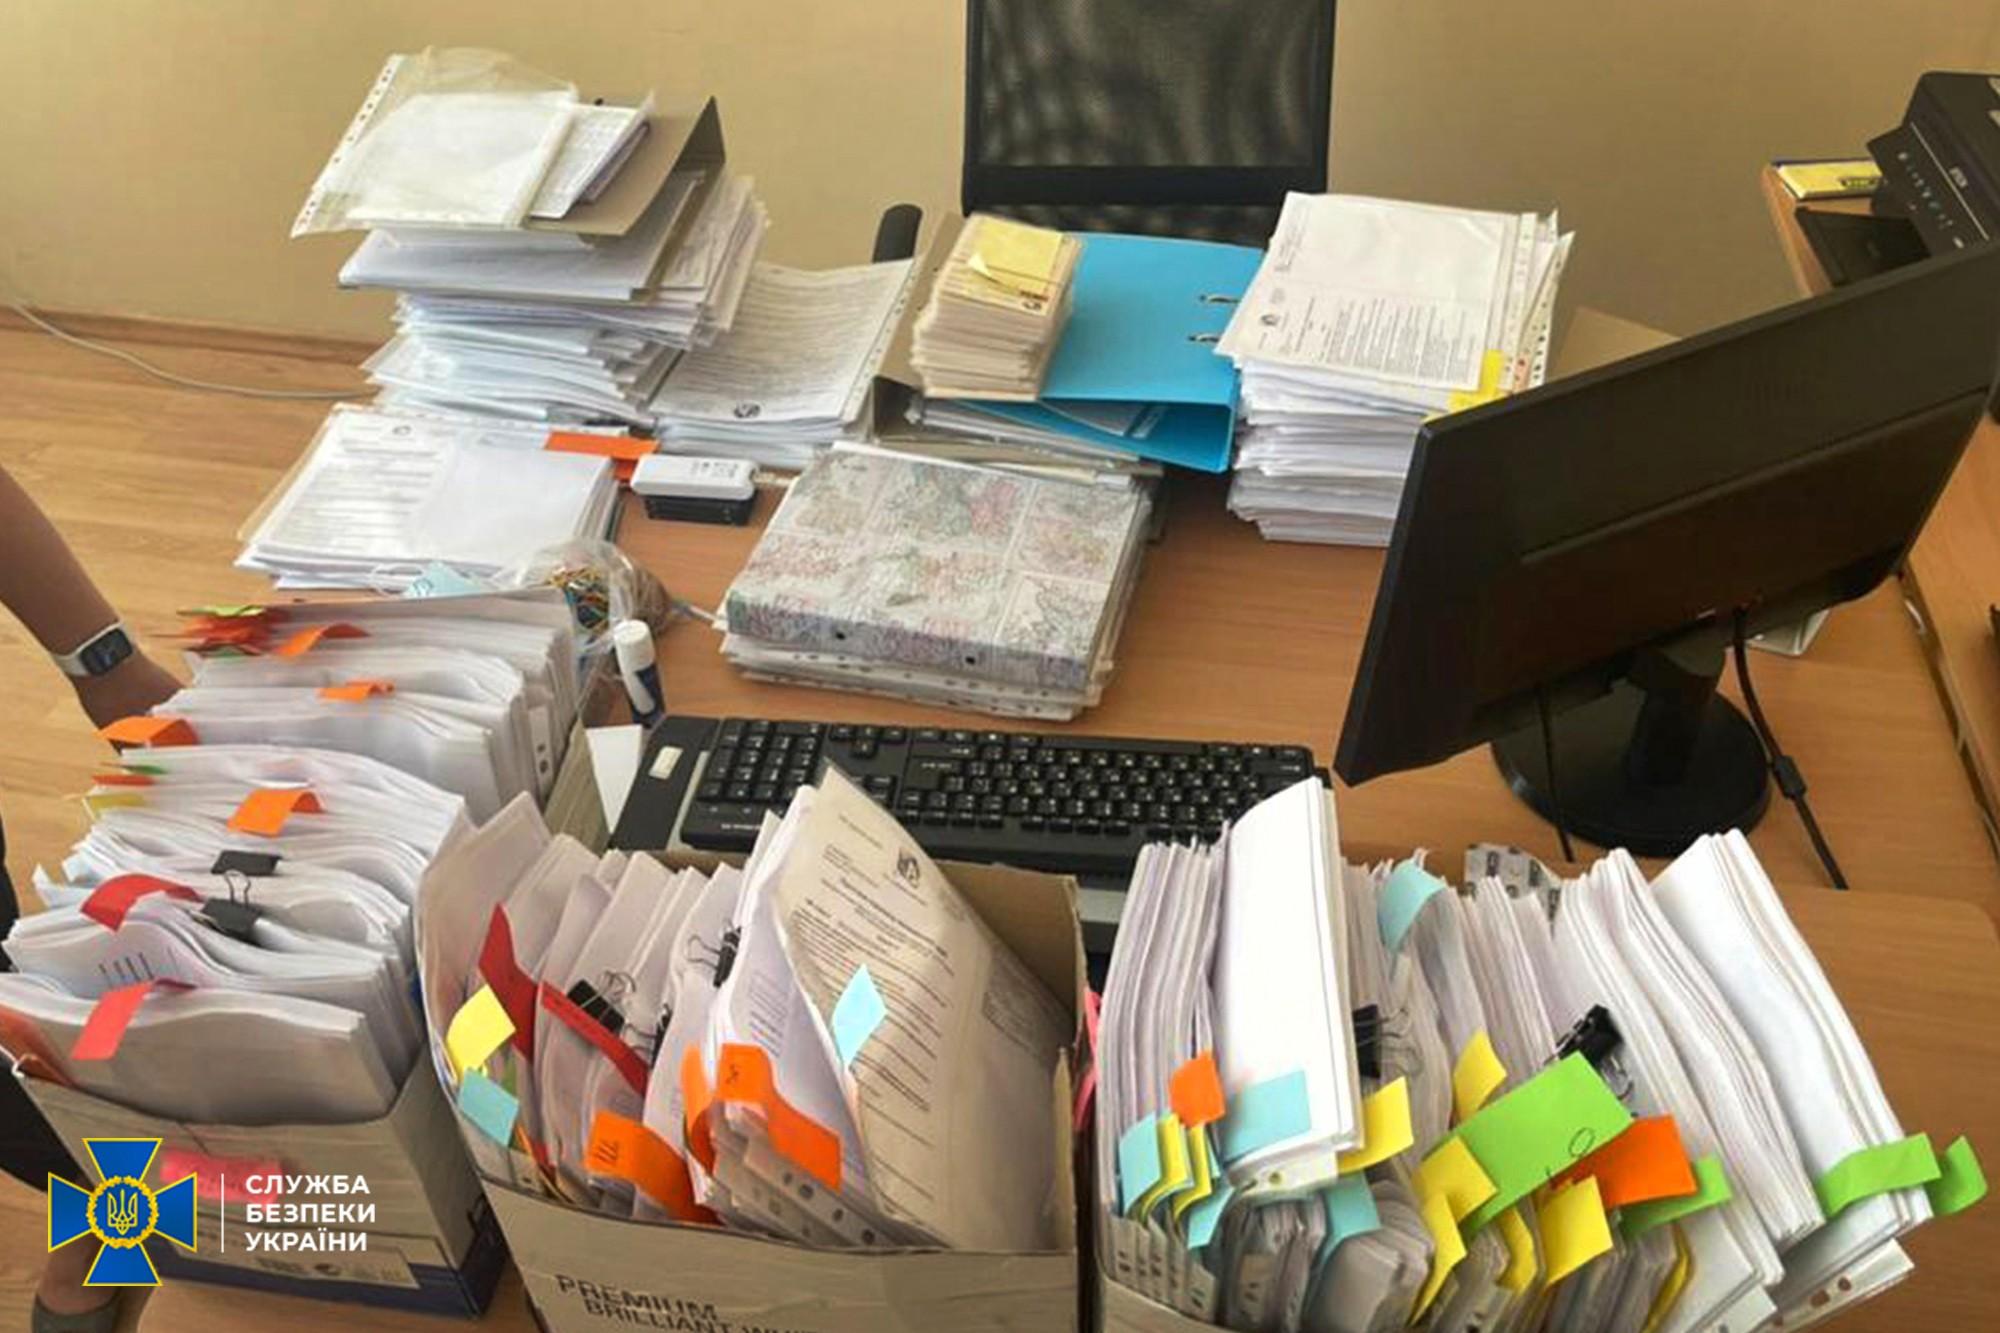 Видача документів морякам. СБУ заявила про викриття схеми з держреєстром на $150 млн